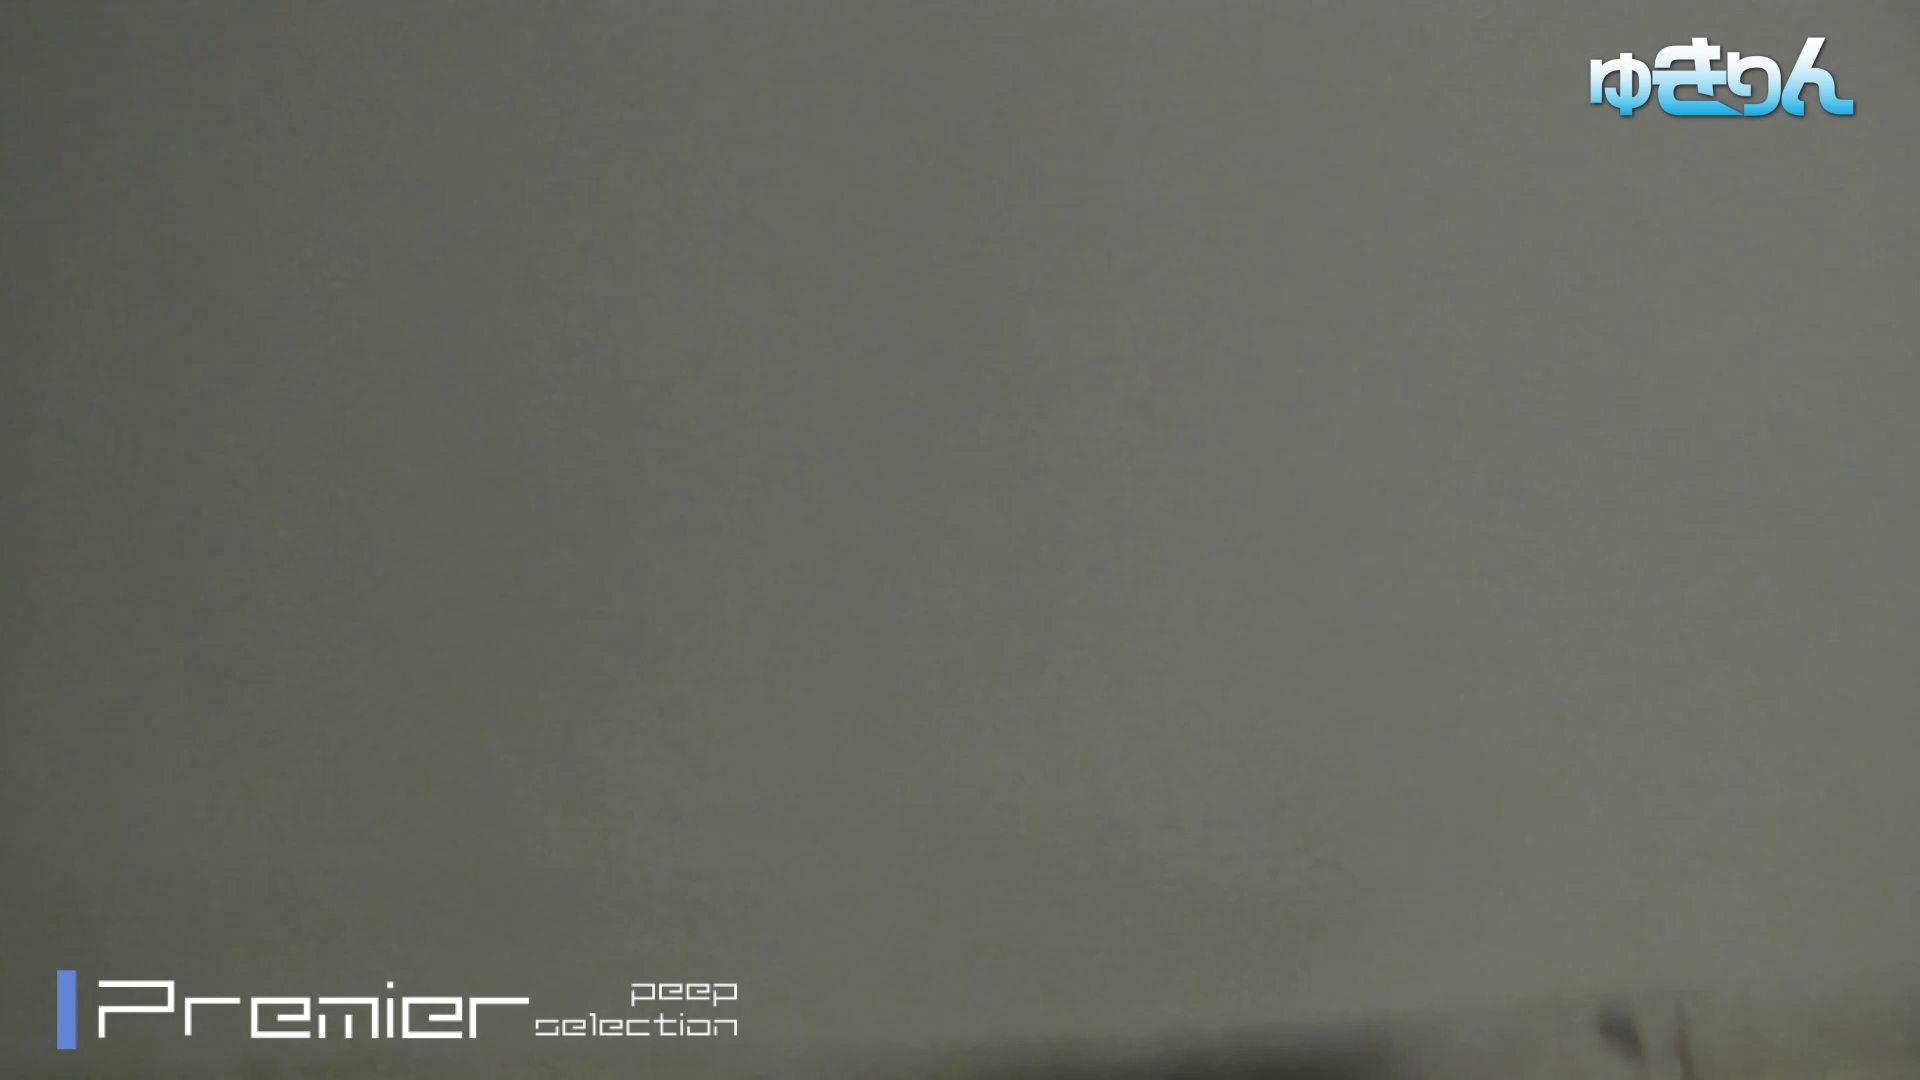 新世界の射窓 No100 祝 記念版!異次元な明るさと技術 無料動画 洗面所 ワレメ動画紹介 40連発 2